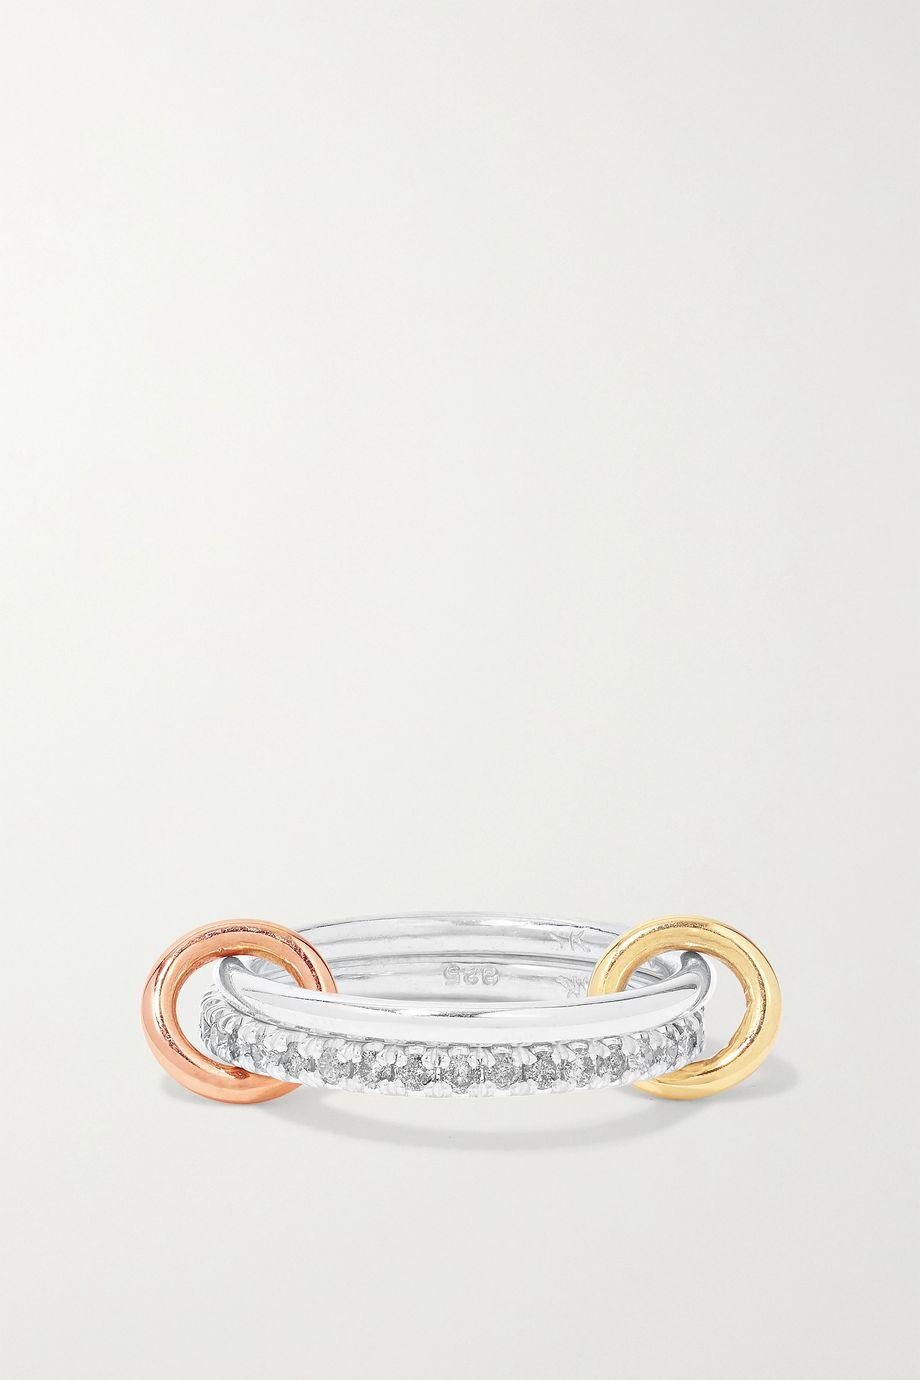 Spinelli Kilcollin Marigold Set aus zwei Ringen aus 18 Karat Gelb- und Roségold und Sterlingsilber mit Diamanten